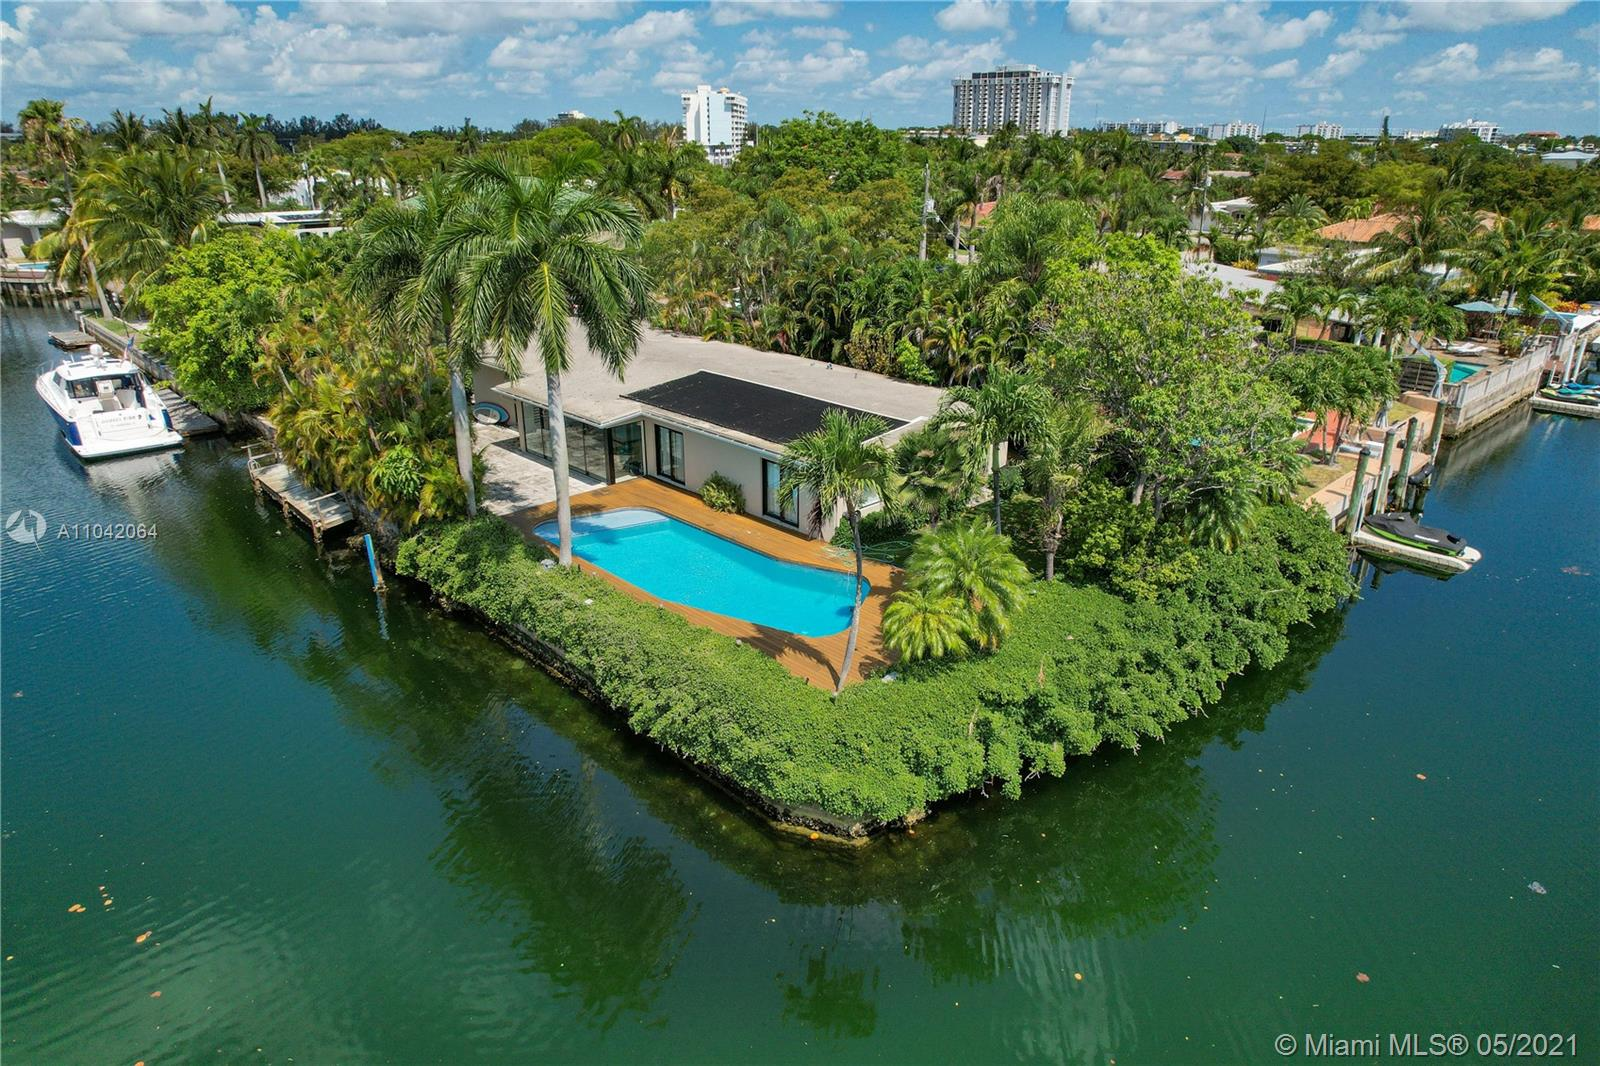 Keystone Point - 12901 Oleander Rd, North Miami, FL 33181